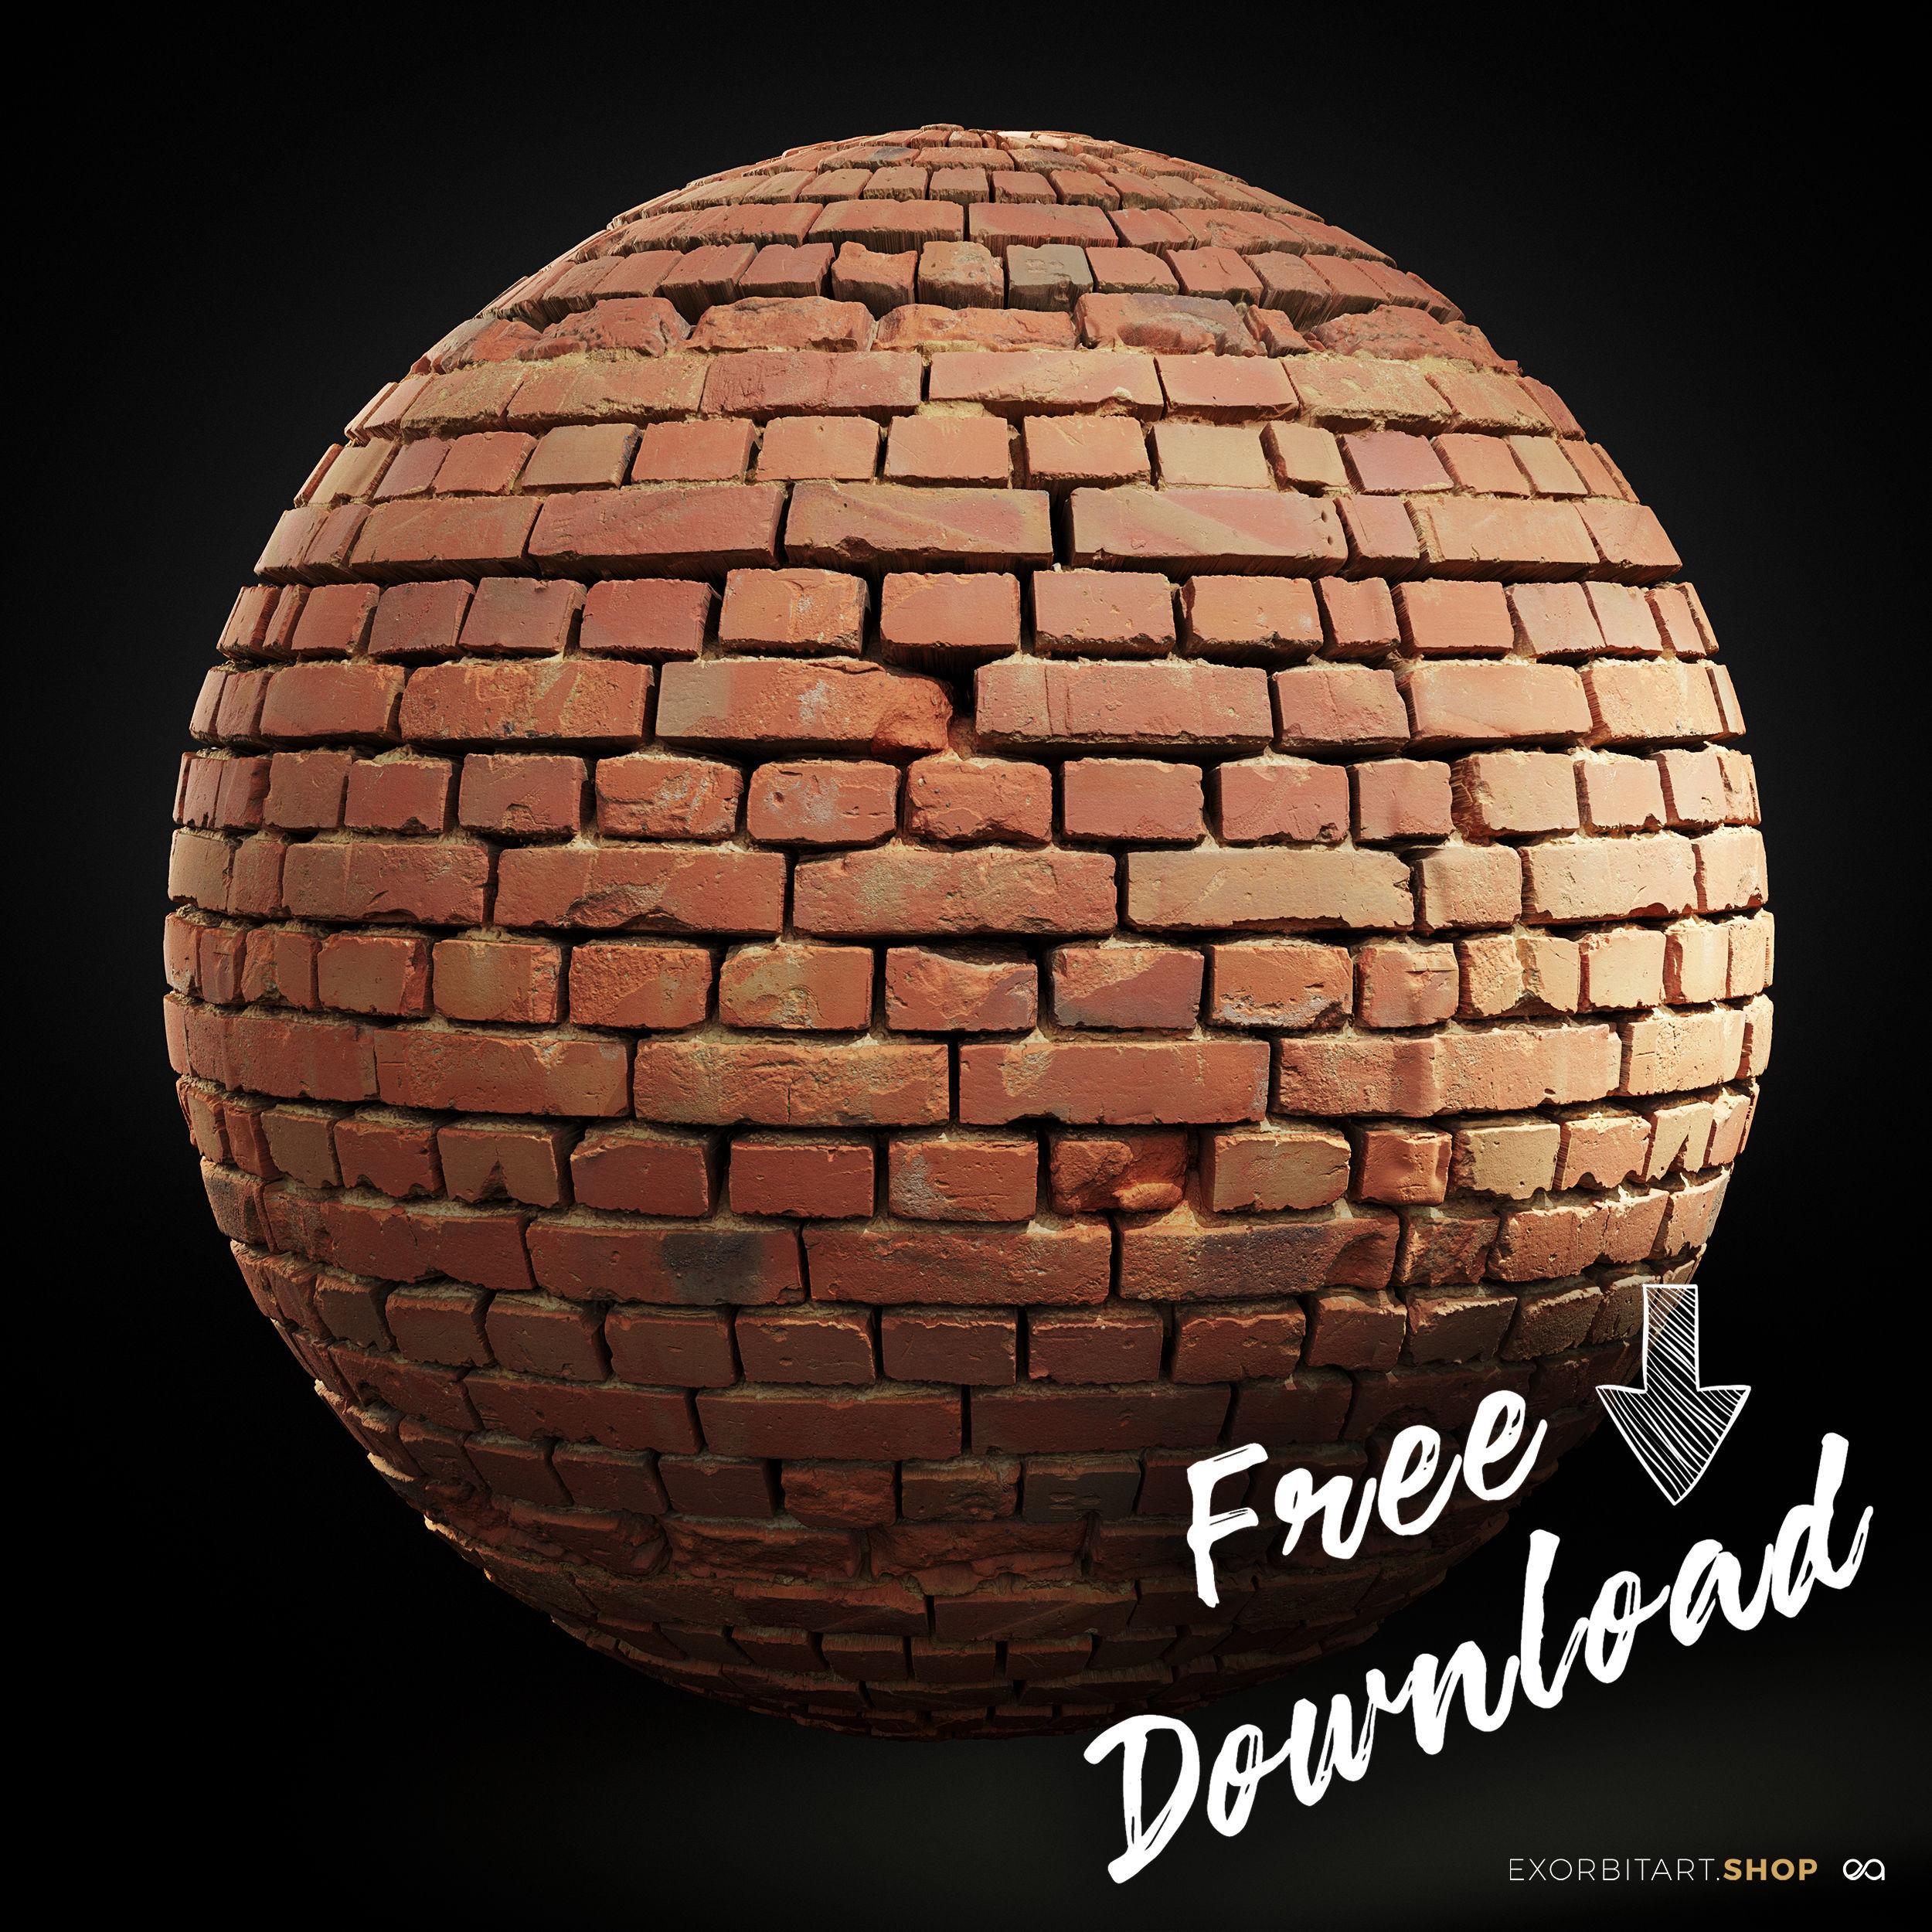 FREE Scanned PBR Texture Scanned Worn Loft Brick Wall 4k 8k 16k